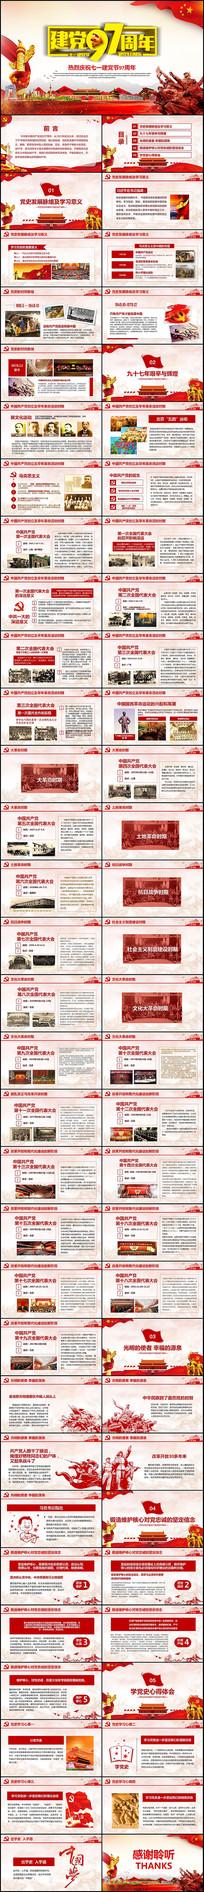 建党97周年中国共产党党史PPT